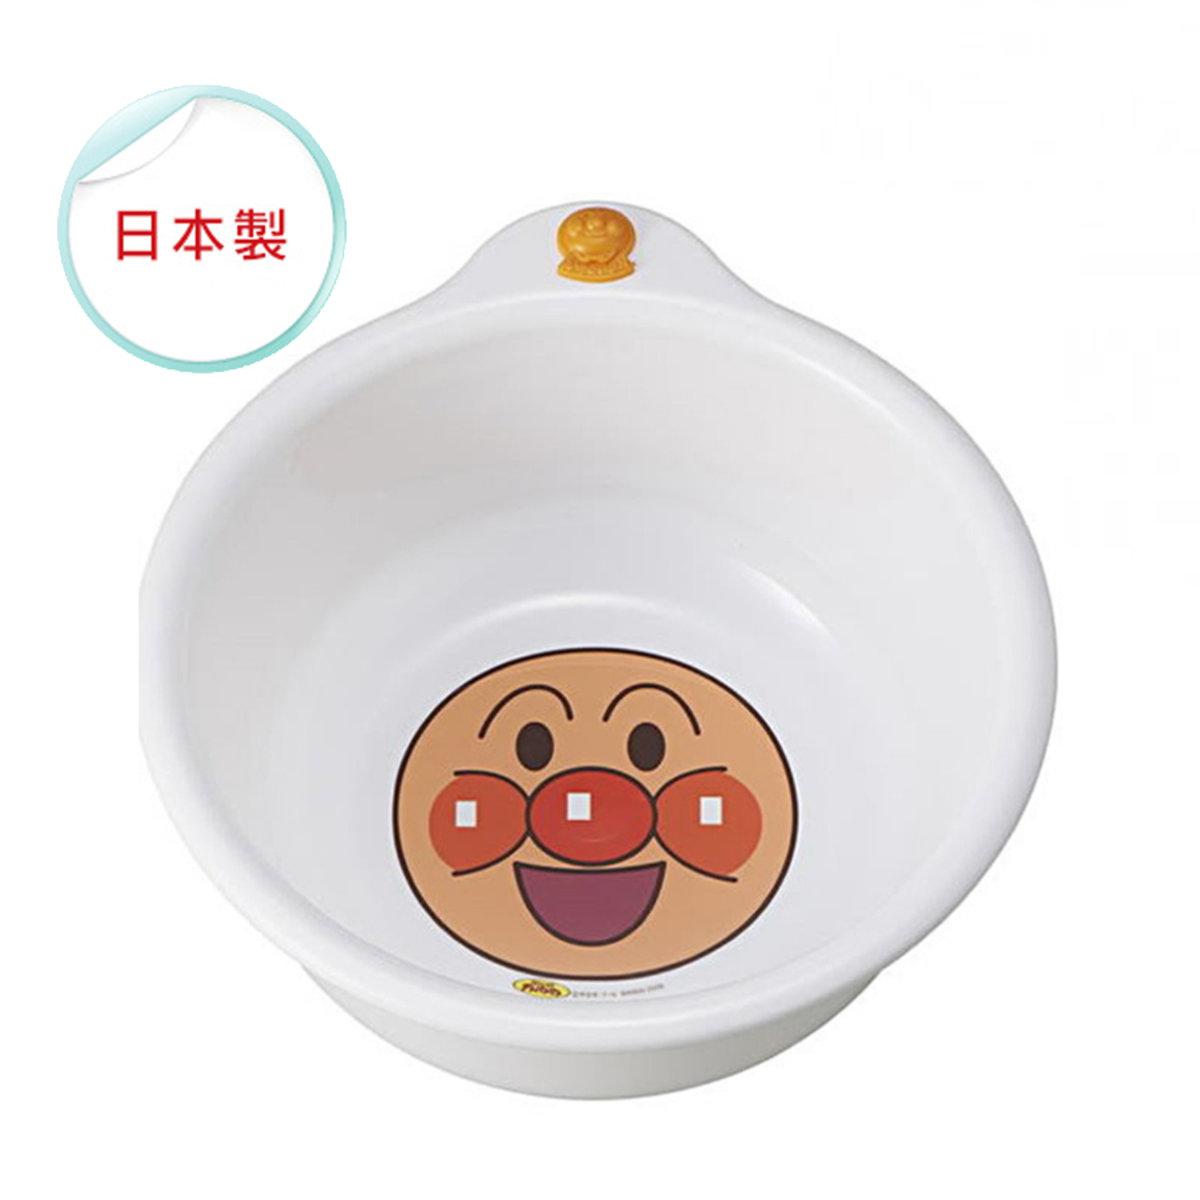 麵包超人浴室水兜(894557)